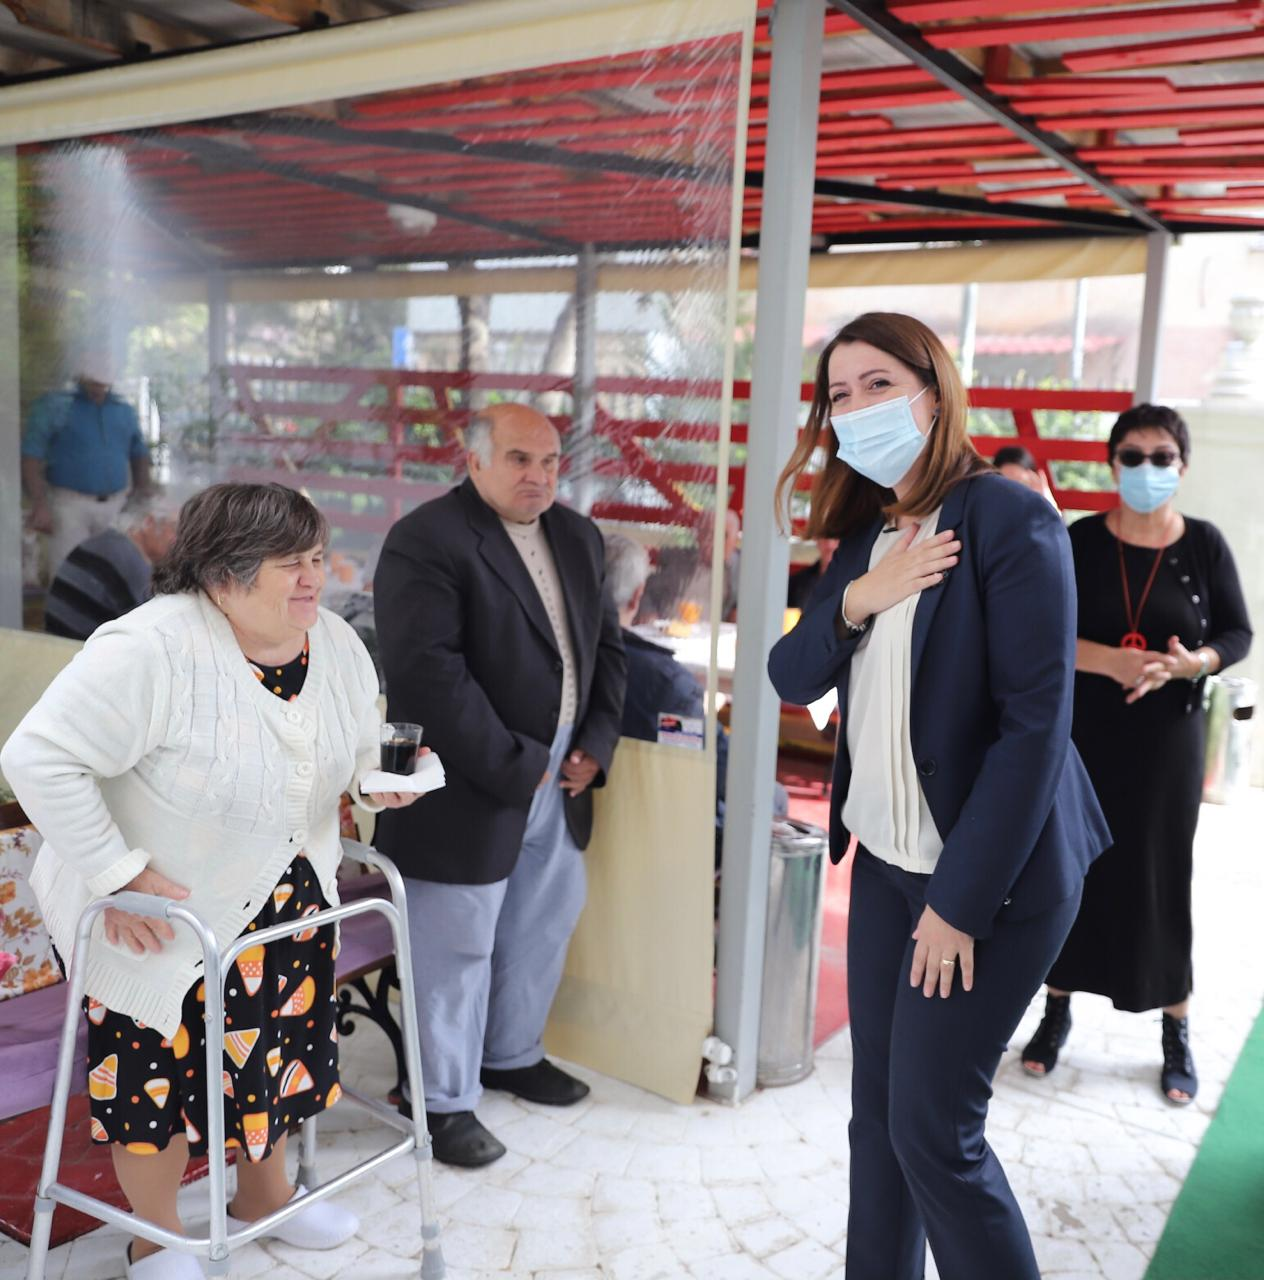 Manastirliu:Vaksinim falas për të moshuarit dhe stafet e qendrave të kujdesit social